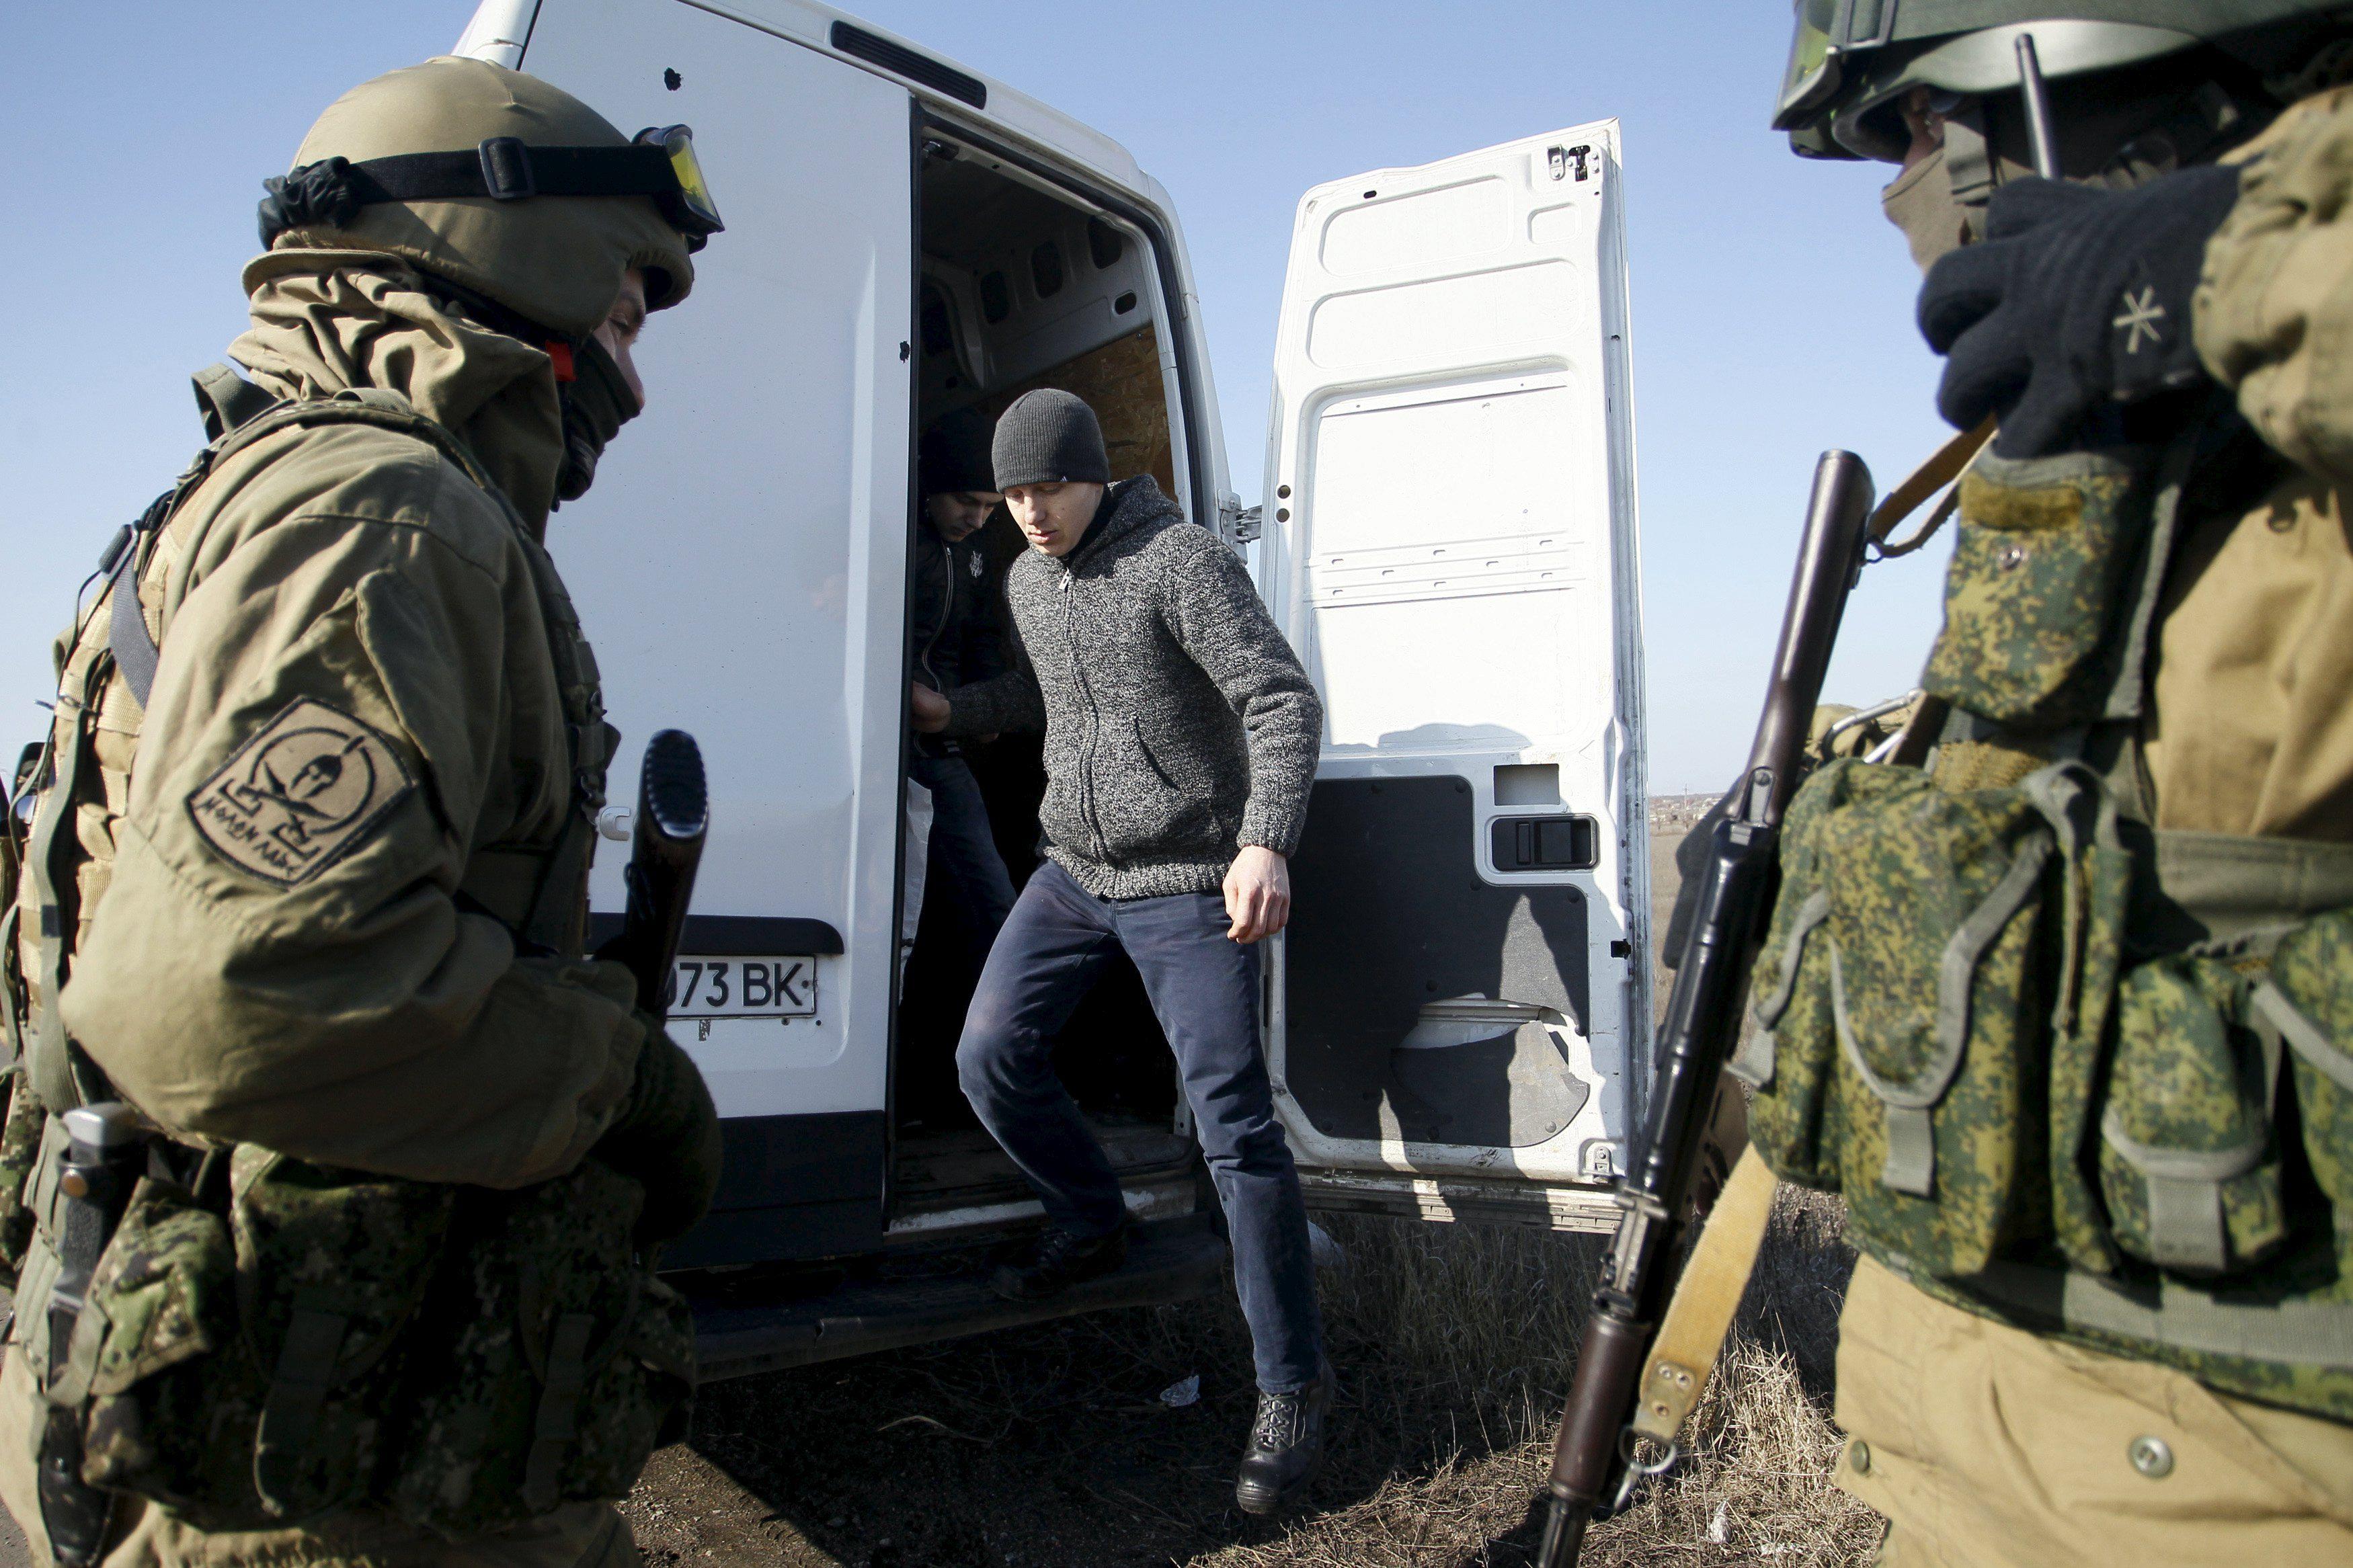 В Моске прошла встреча, на которой обсудили обмен пленными между Украиной и